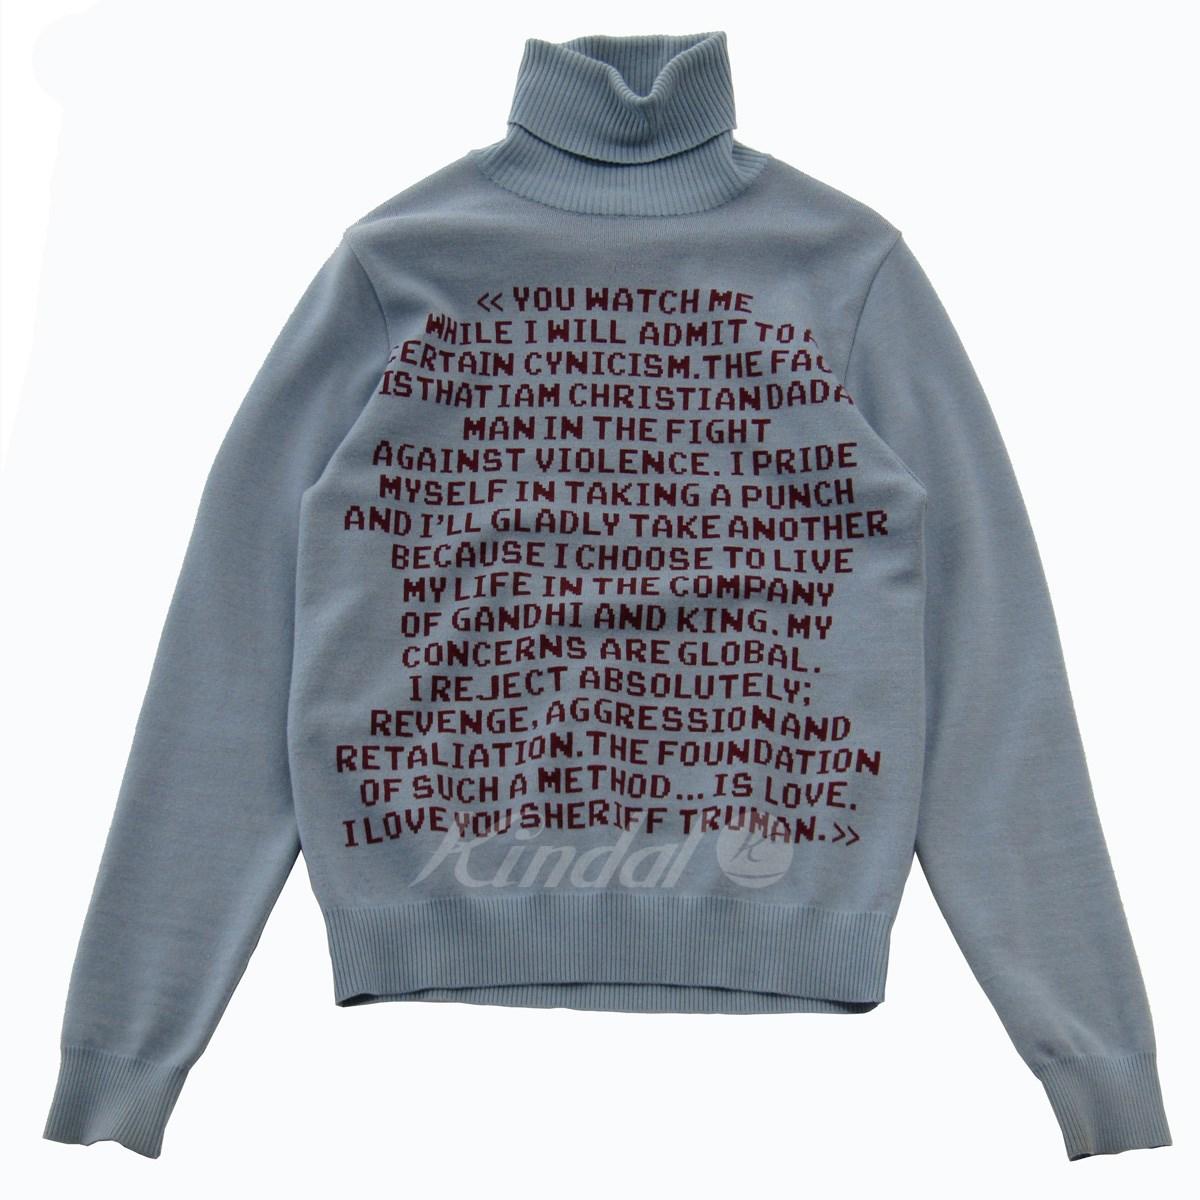 【中古】CHRISTIAN DADA Quotes Jacquard Turtleneck Knit Sweater タートルネックニット ブルー サイズ:44 【100519】(クリスチャンダダ)